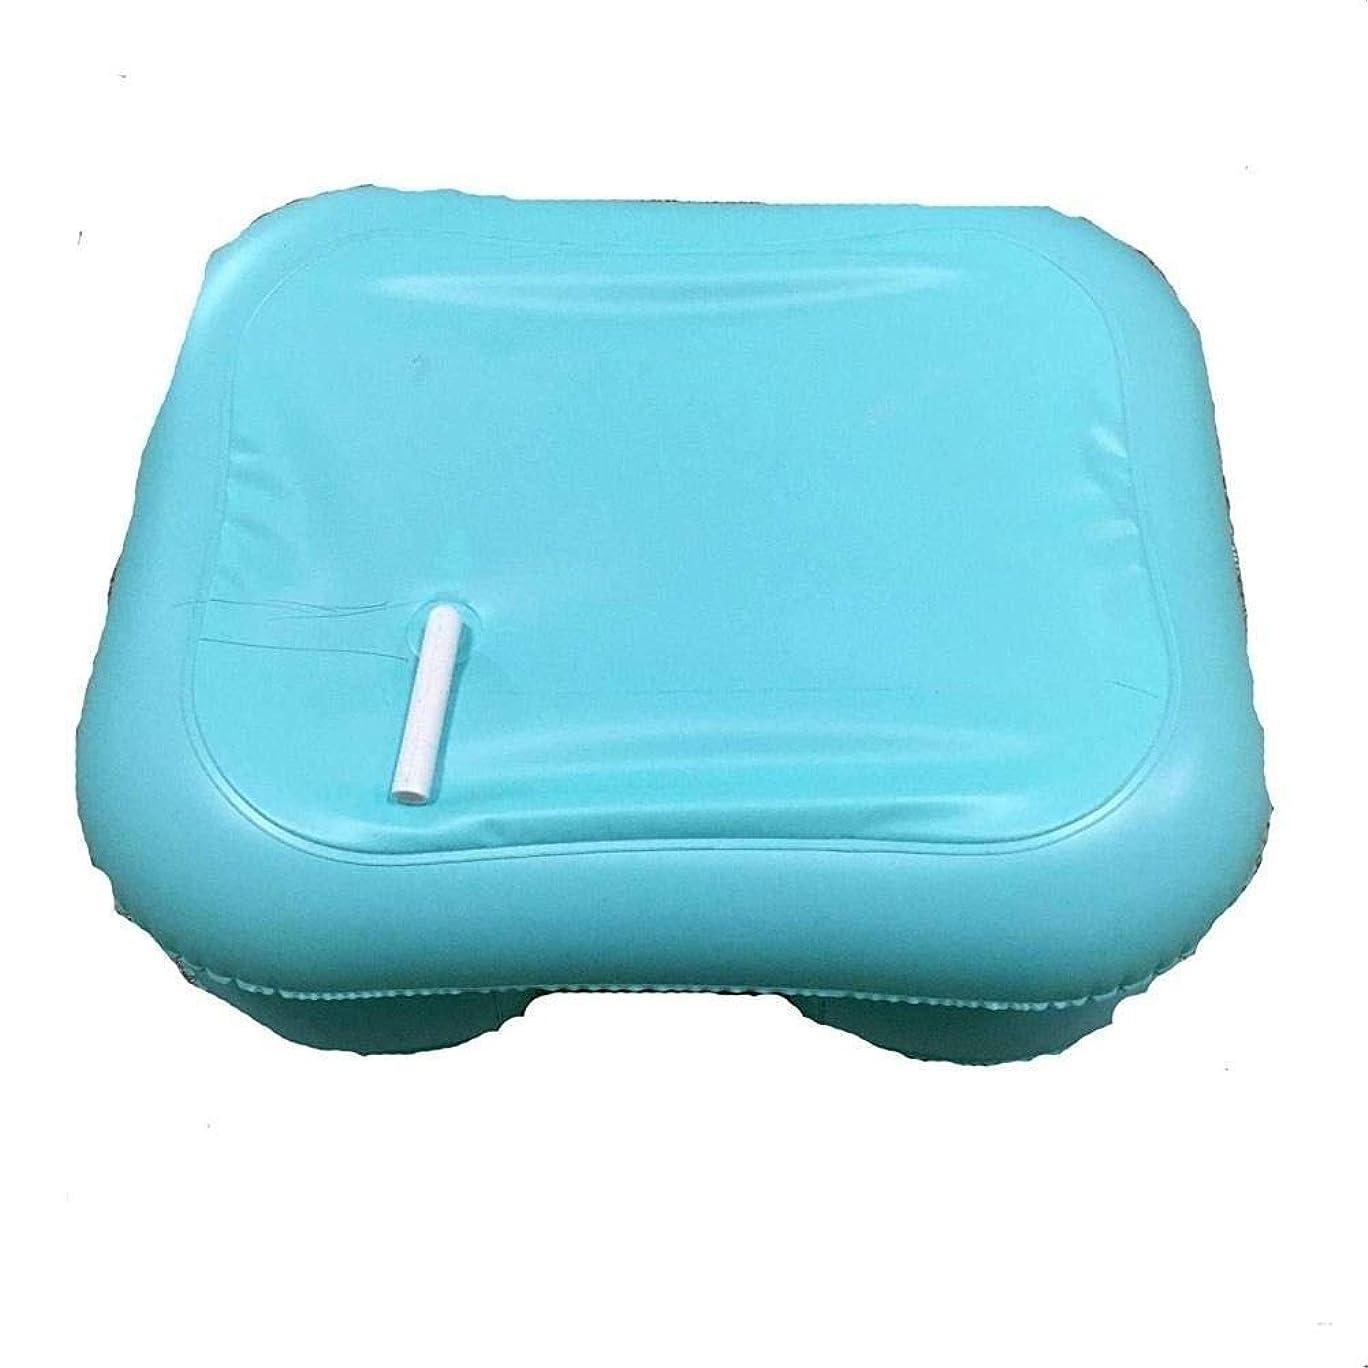 会話挨拶するパラメータ看護ベッド用シャンプー洗面器-高齢者障害妊婦用の医療用簡易洗面器洗面台